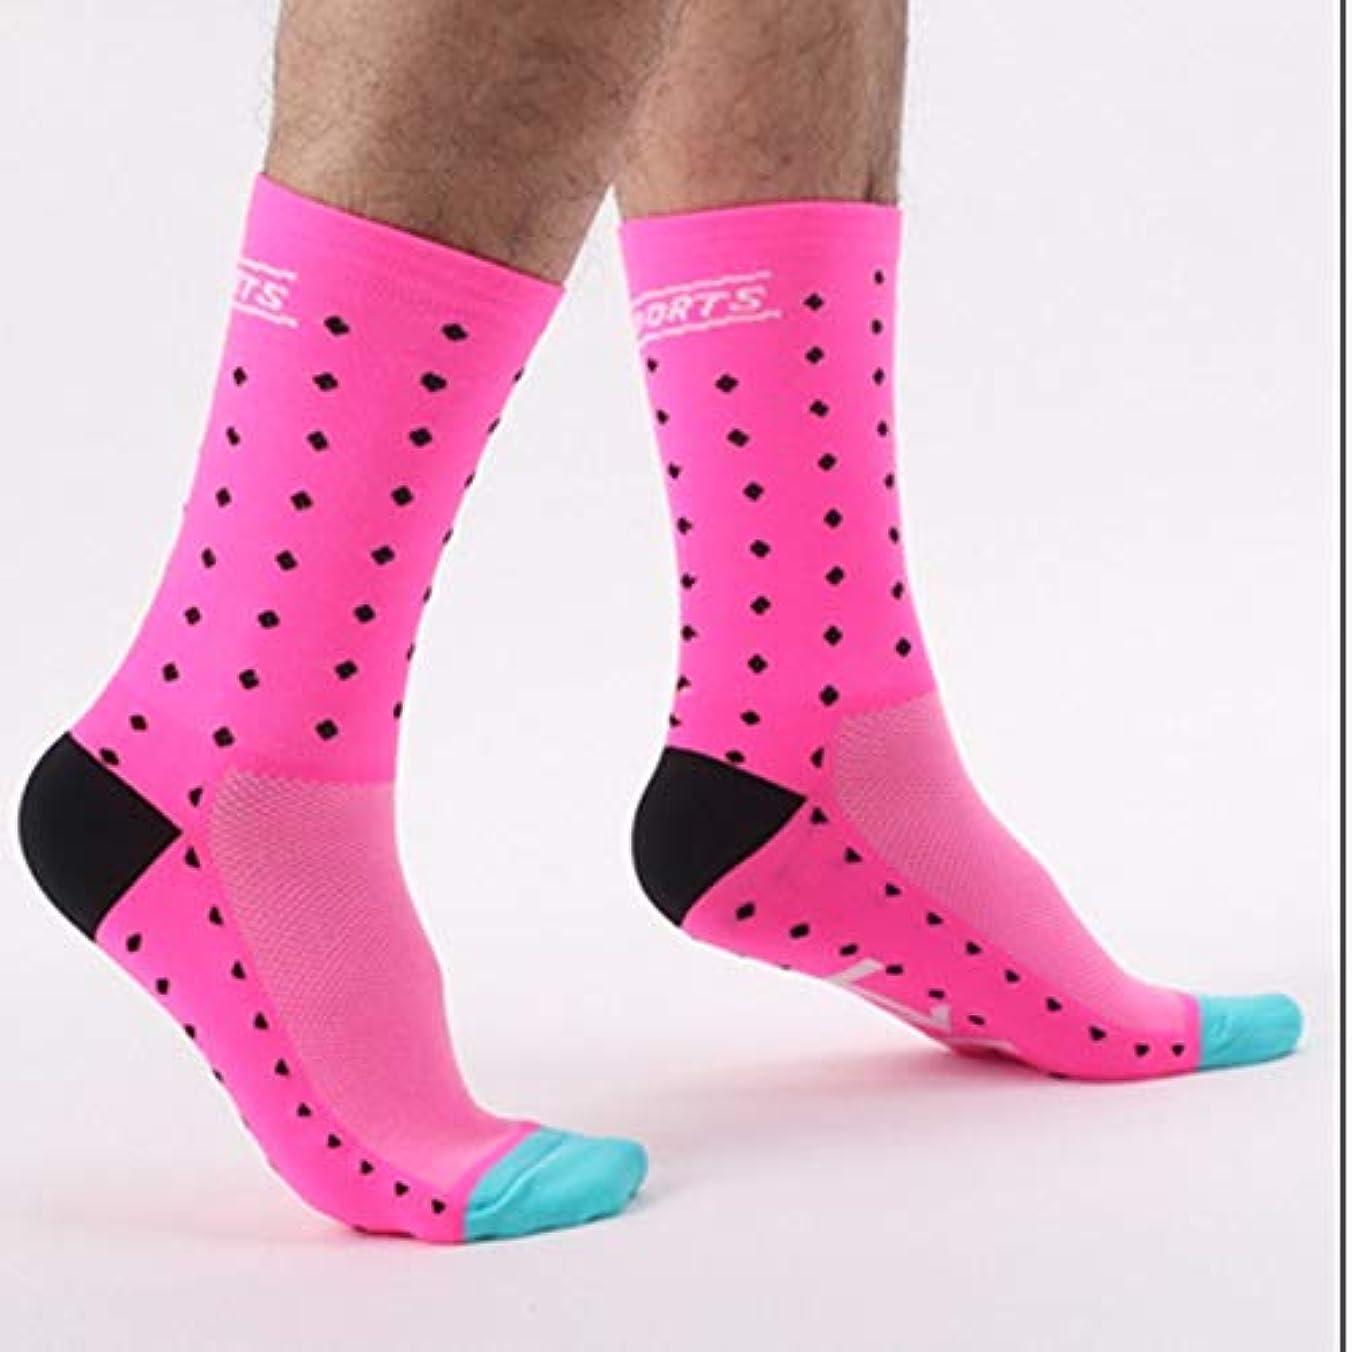 永久に盲信干し草DH04快適なファッショナブルな屋外サイクリングソックス男性女性プロの通気性スポーツソックスバスケットボールソックス - ピンク